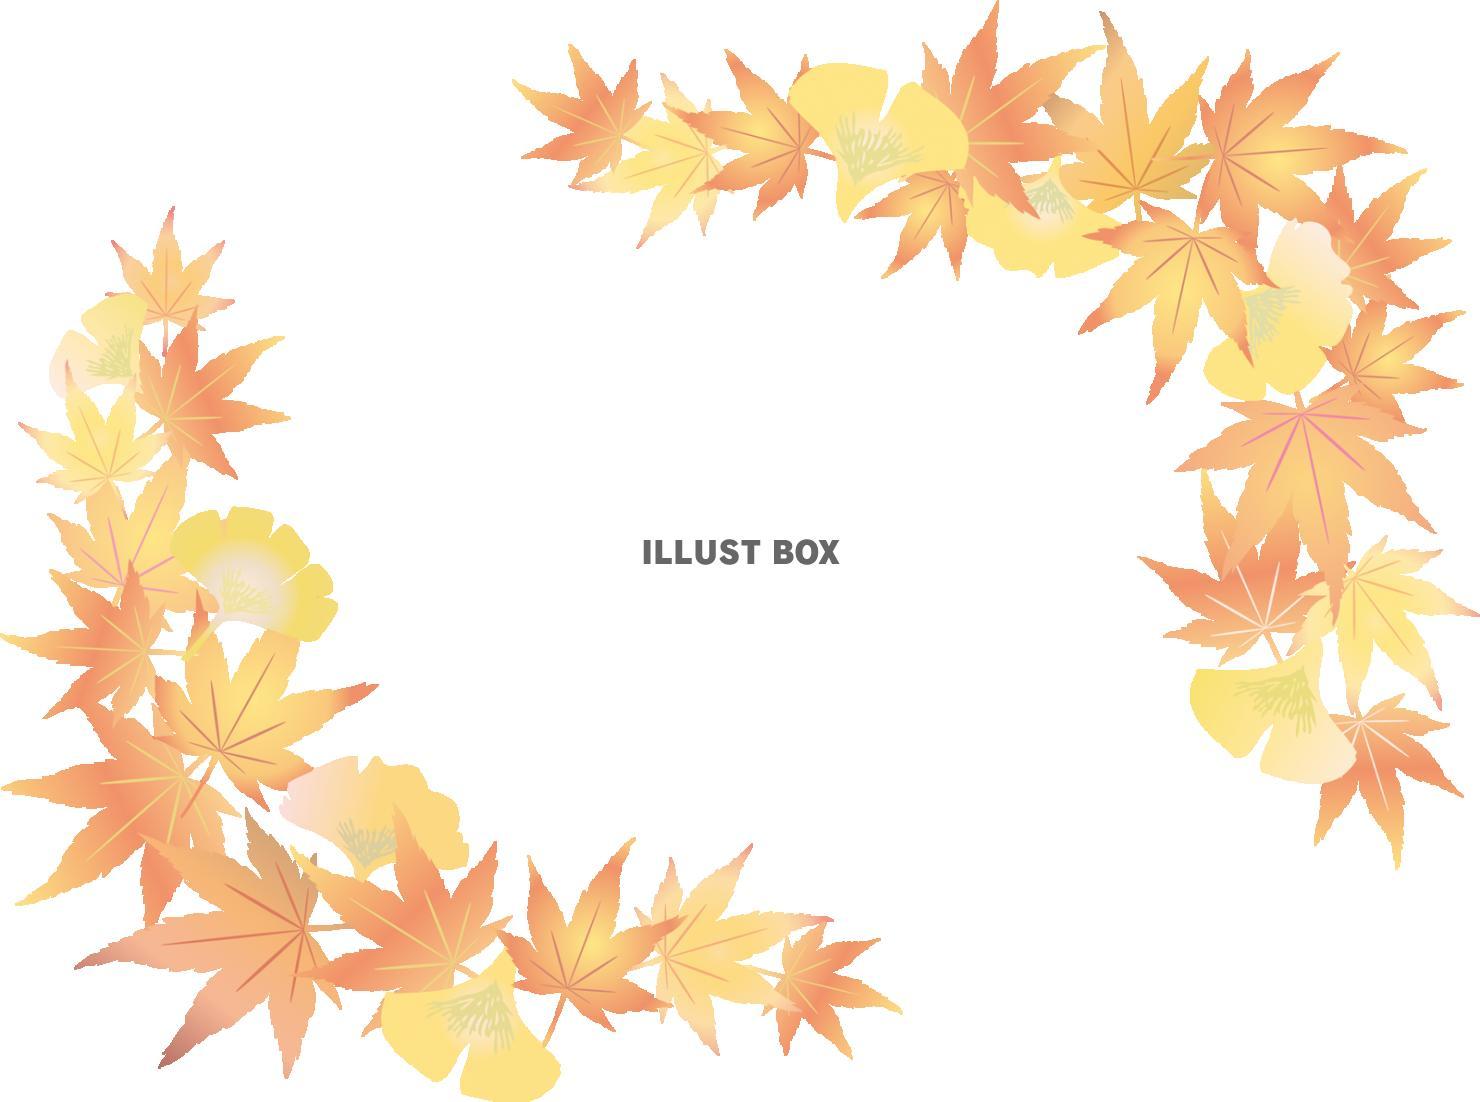 無料イラスト 紅葉もみじ飾り枠背景葉っぱ冬植物10月11月モミジ楓カエデ銀